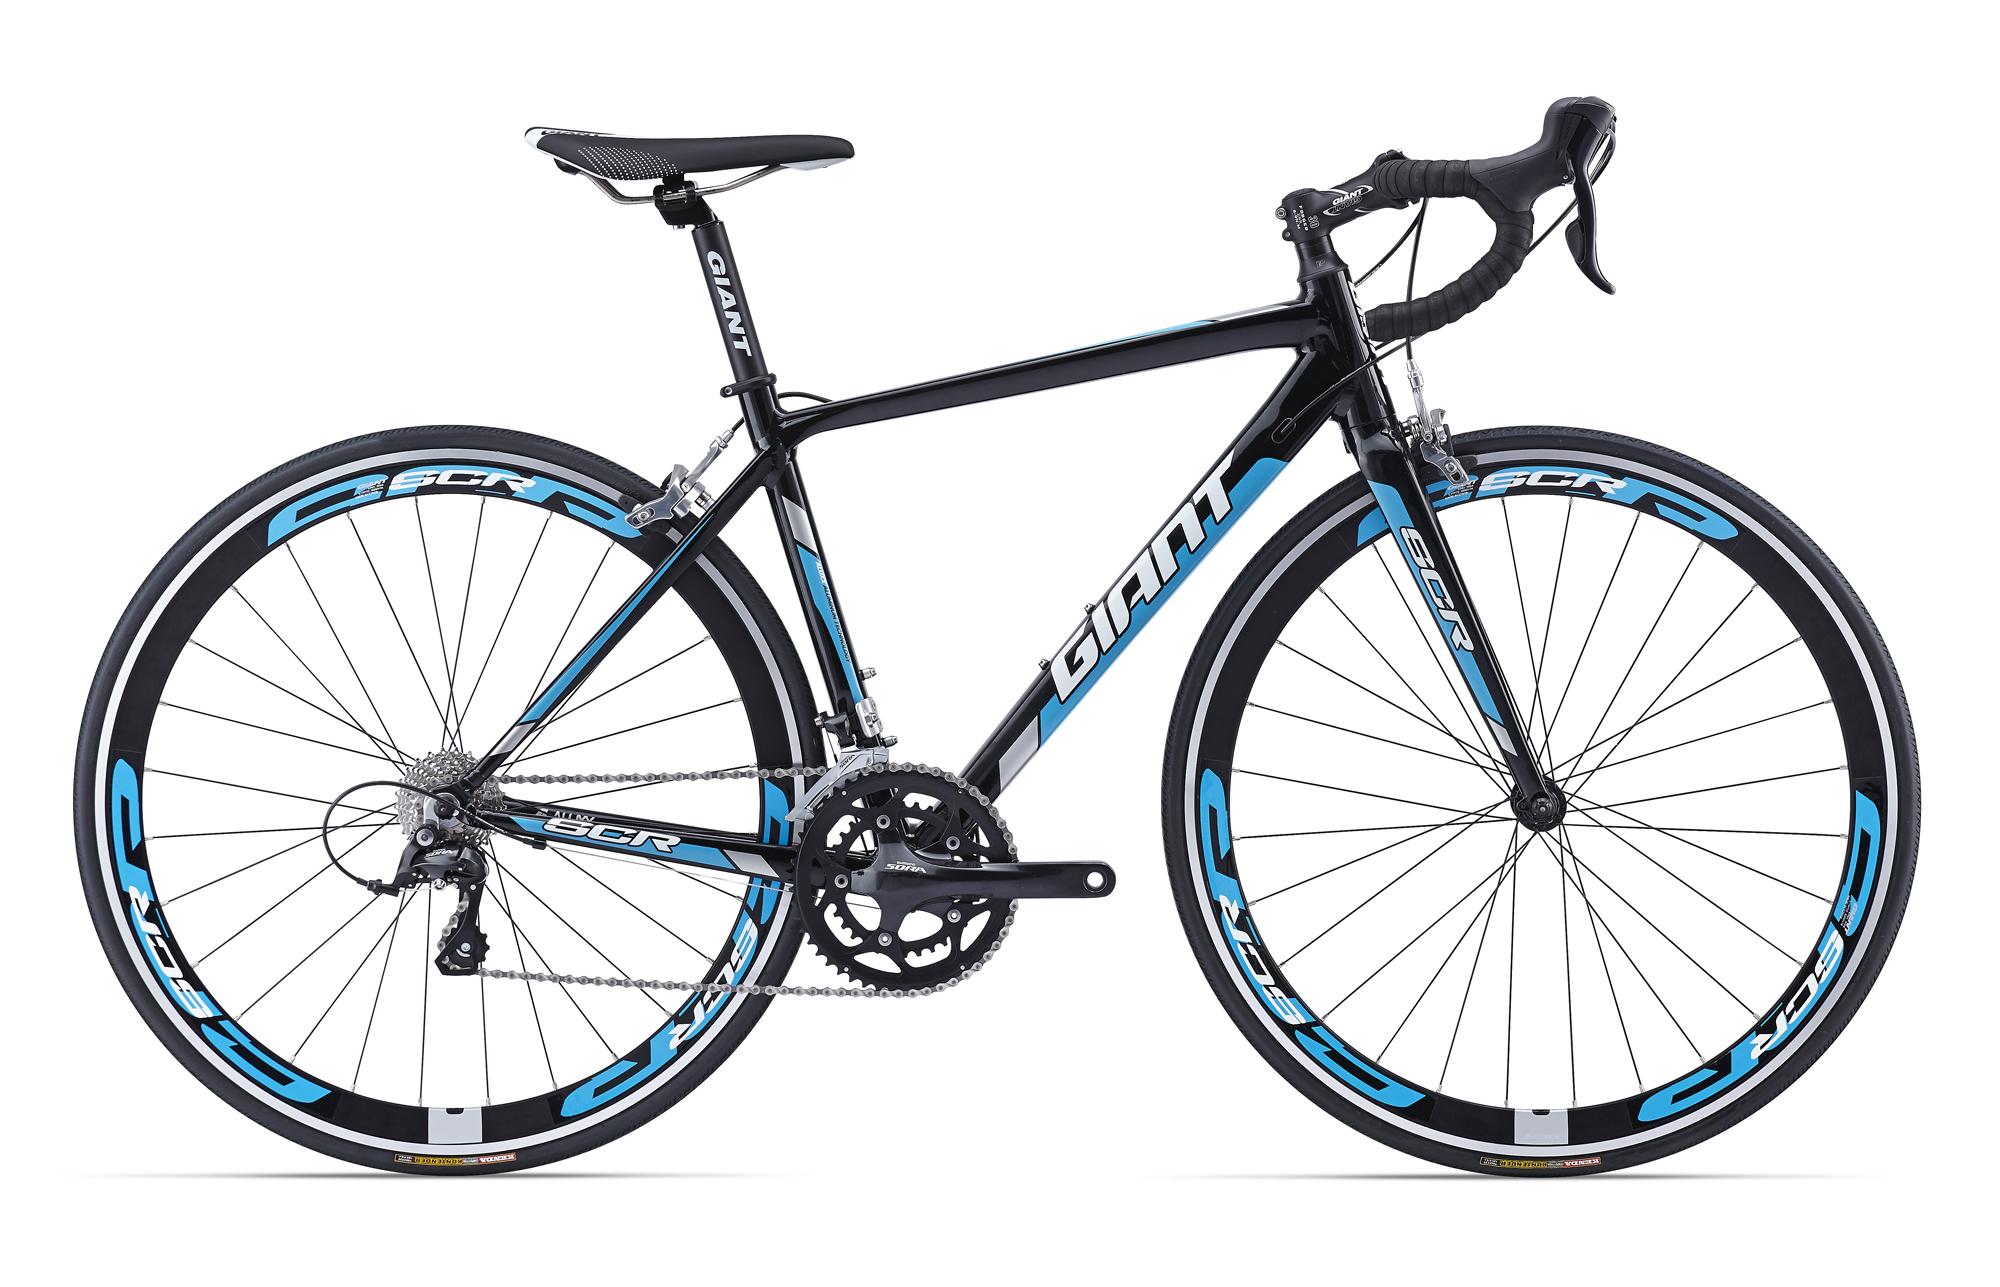 Велосипед SCR 1 Колесо:700c Рама:L Цвет:Черный от Ravta